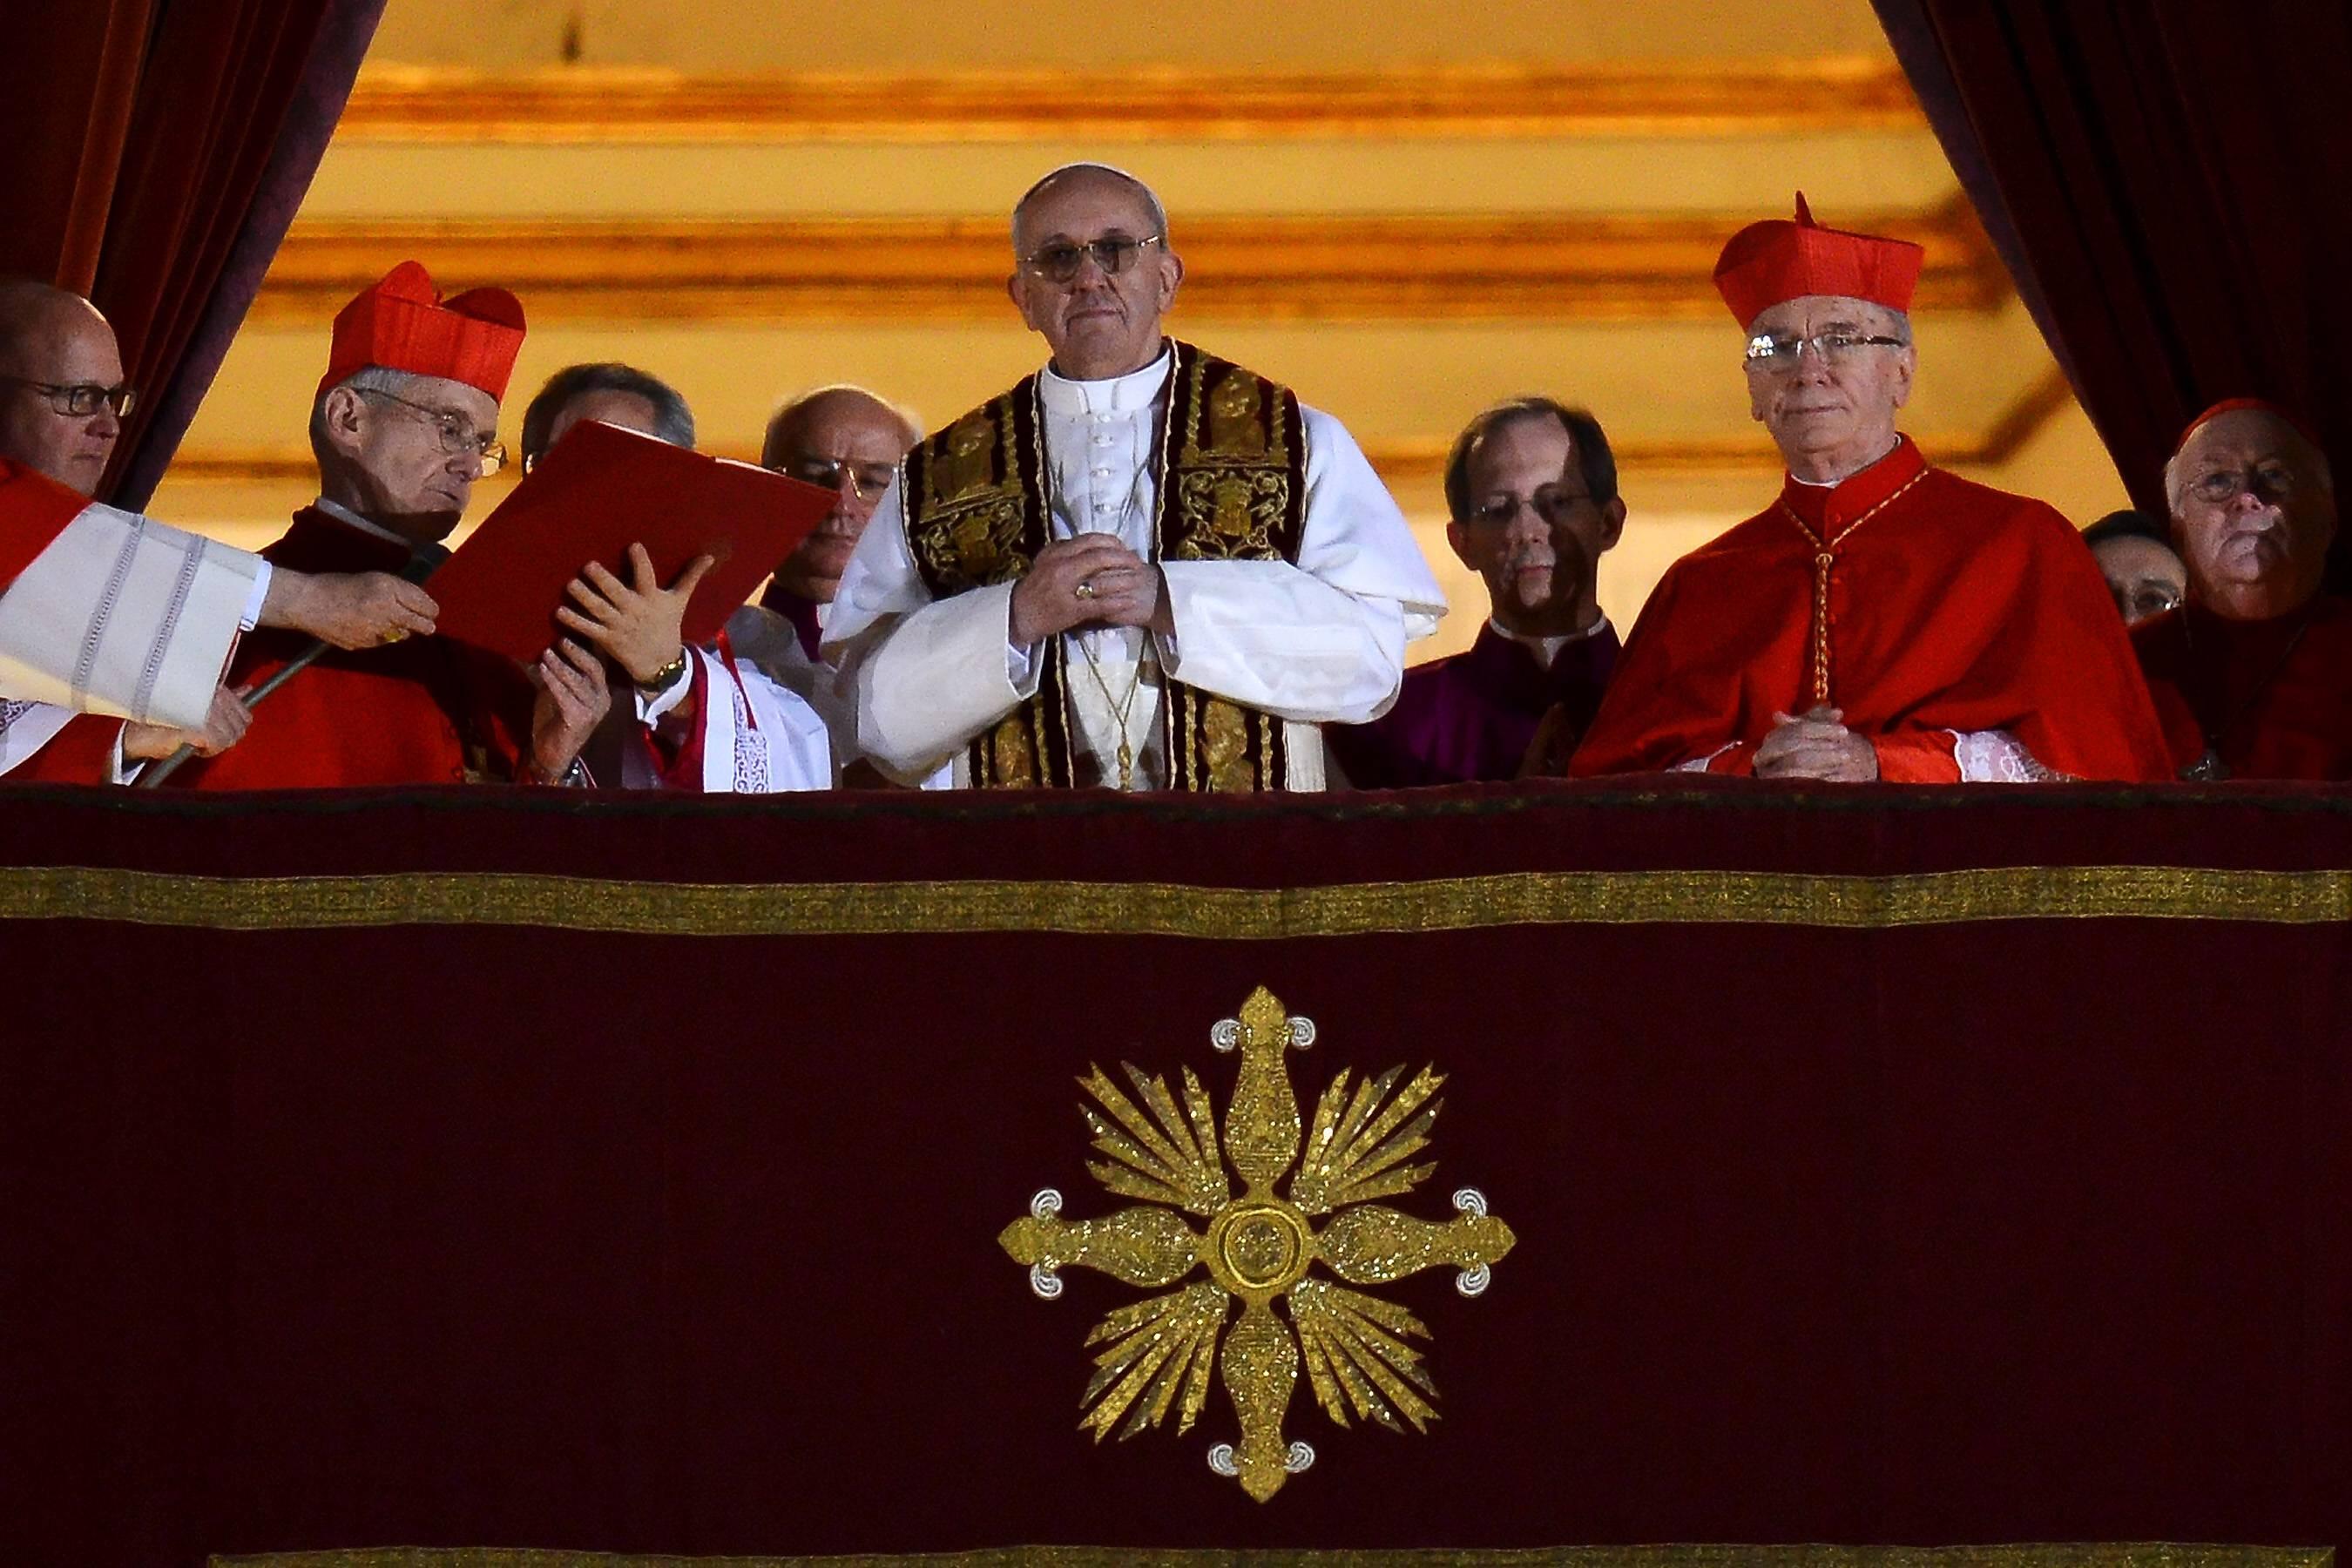 So hat Papst Franziskus das Papstamt verändert | mk online